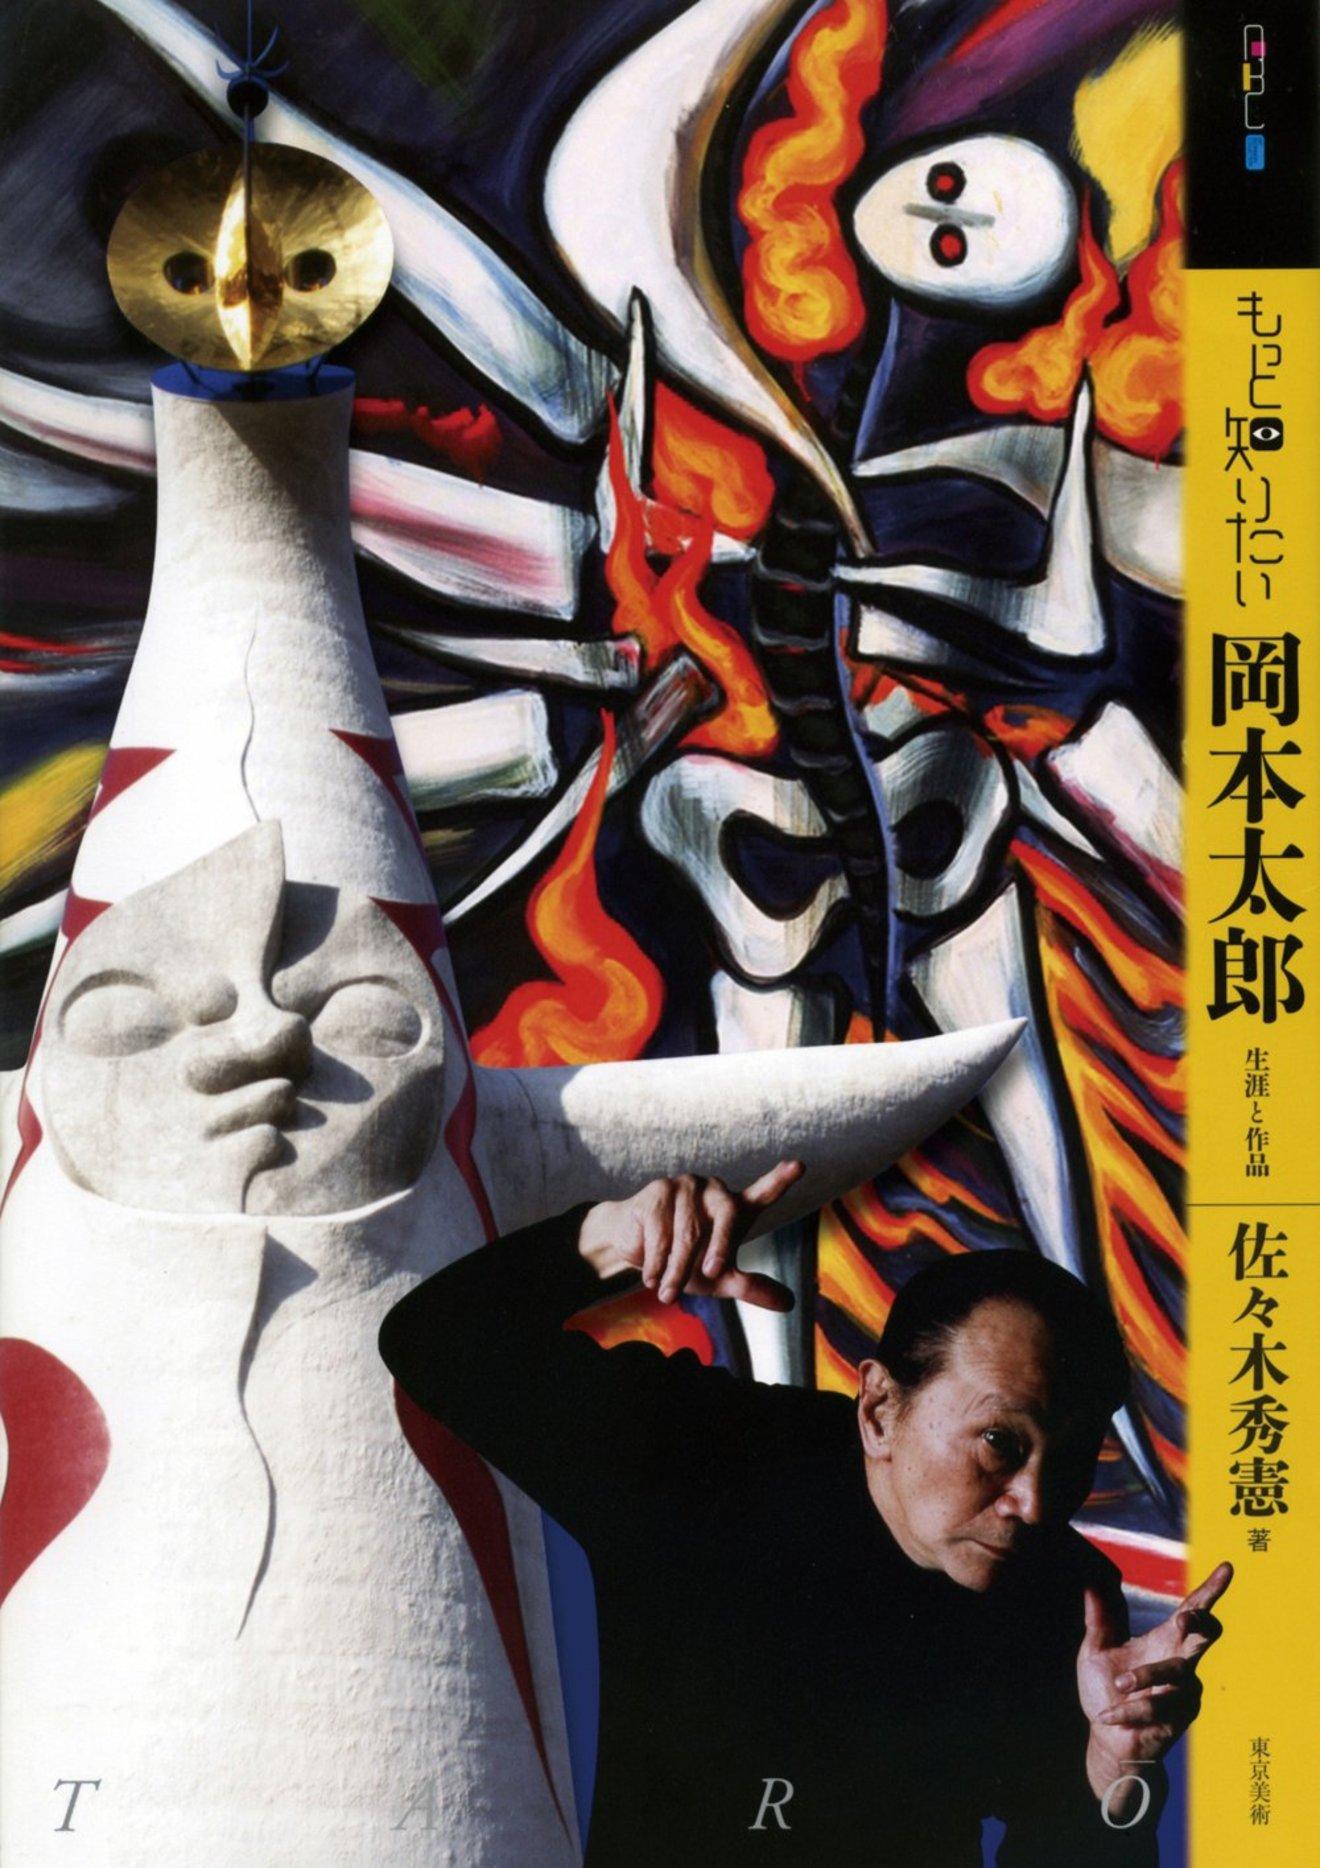 岡本太郎の画像 p1_23